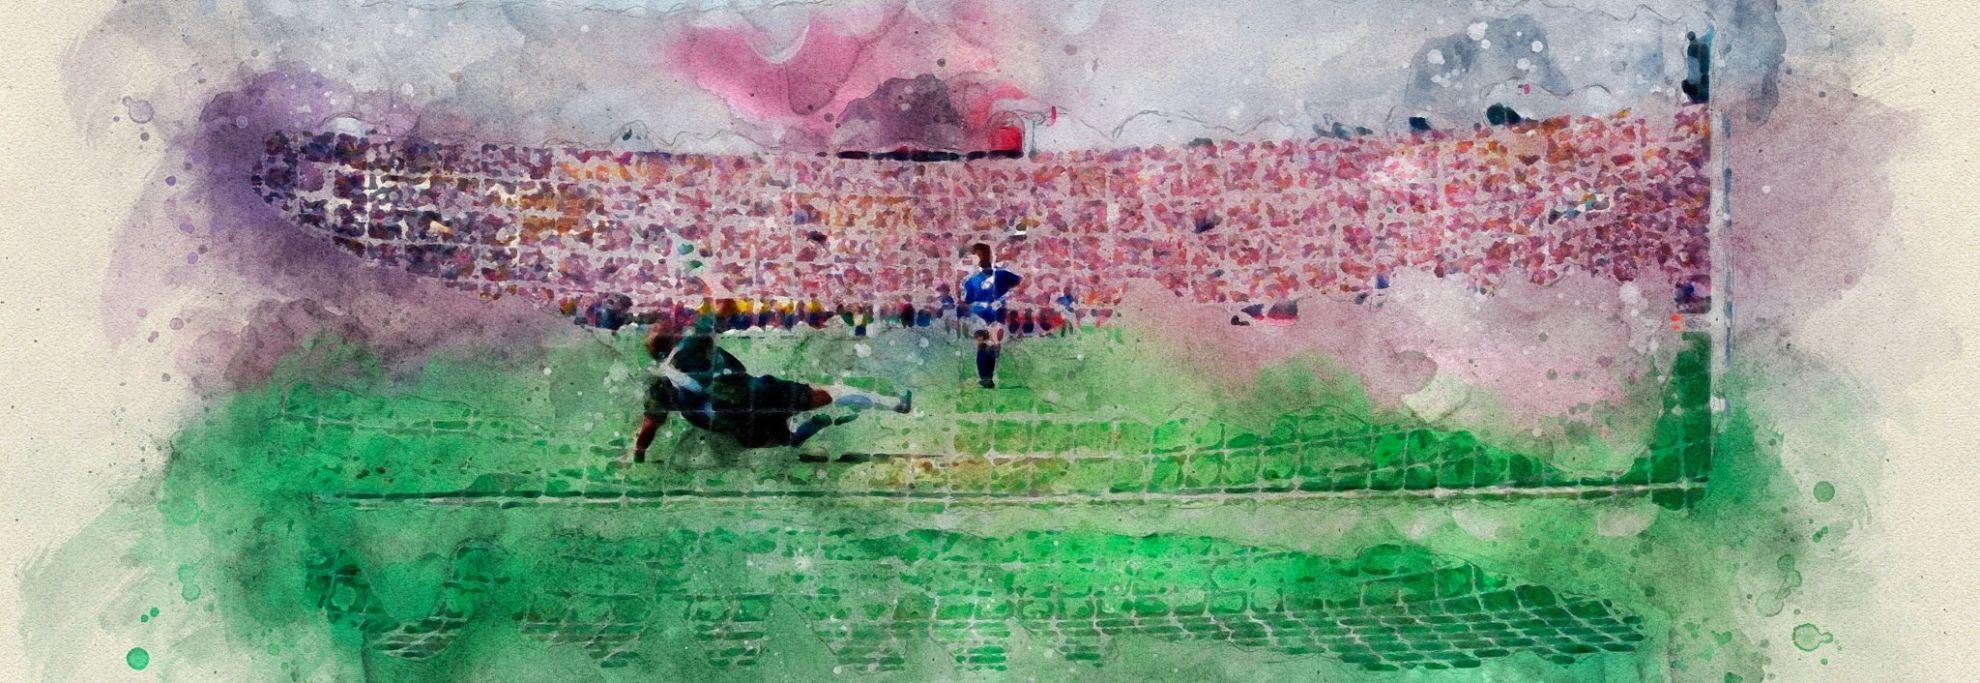 soccer-3536685__opt